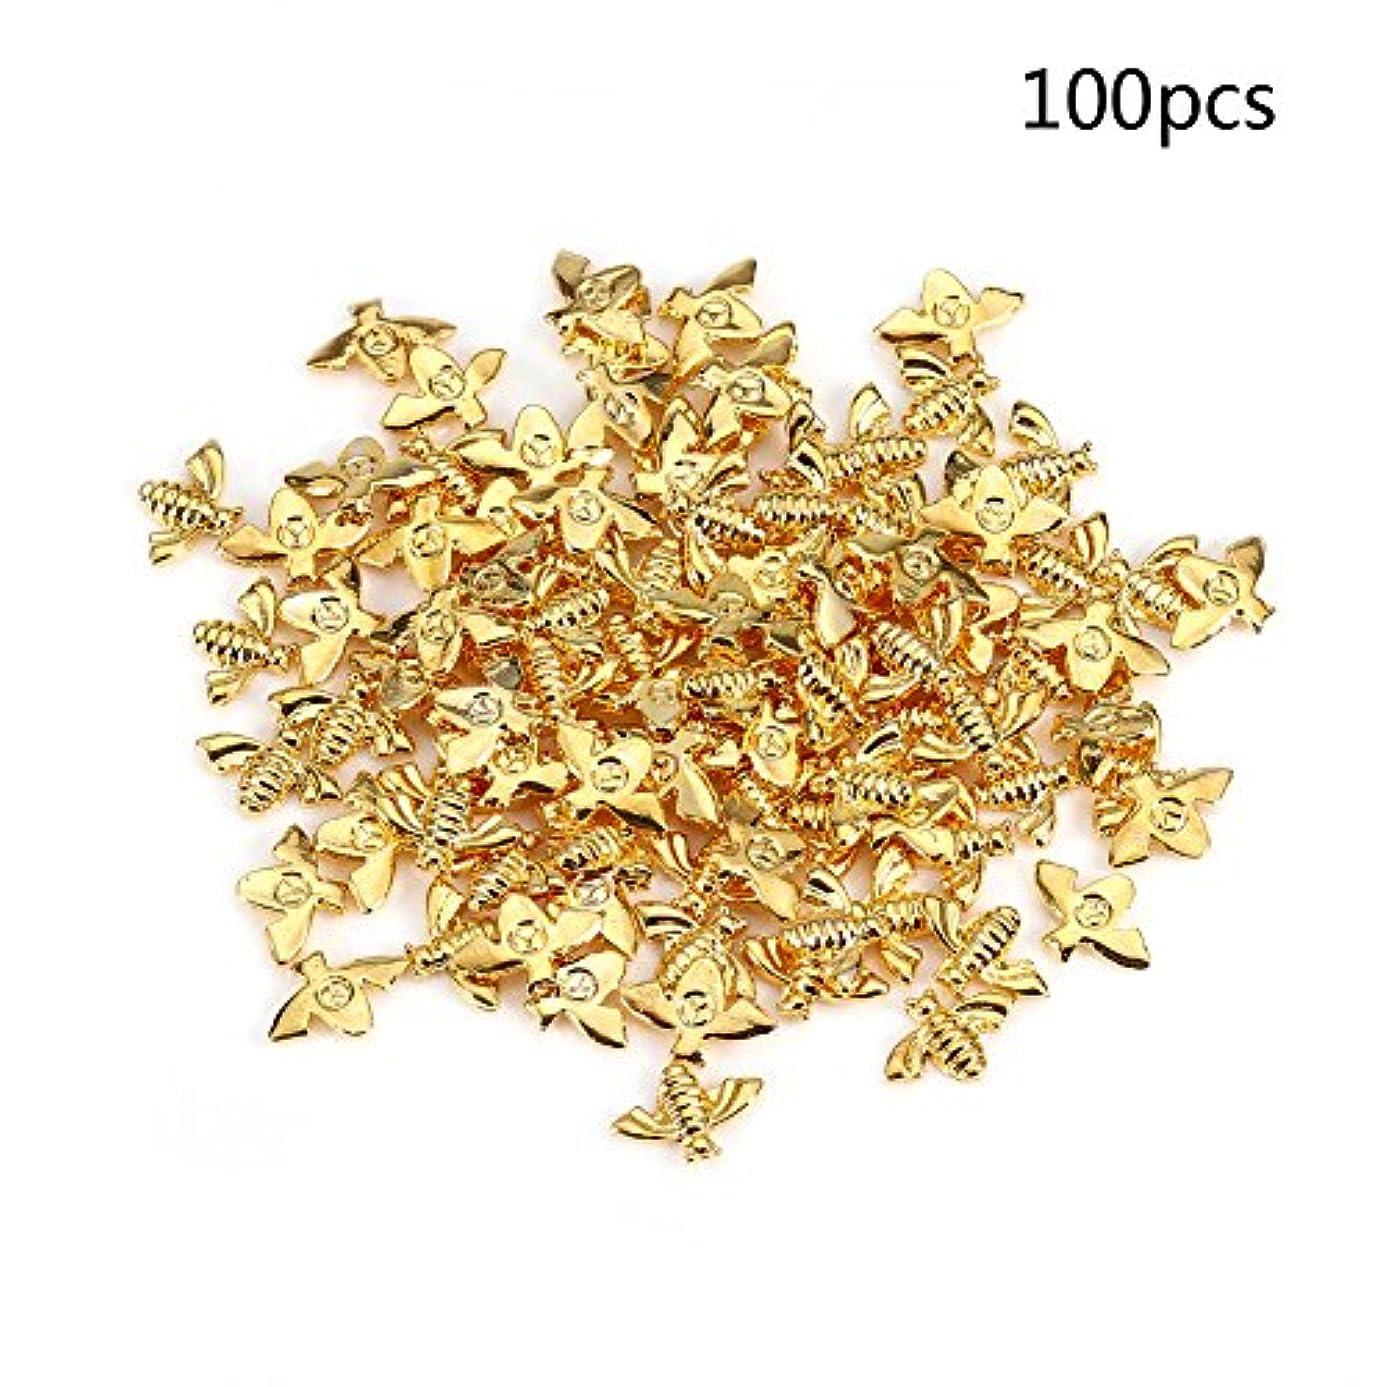 読むホイップ患者100pcs / Bag Metal Bees 3Dネイルデコレーションデカール(ゴールド)